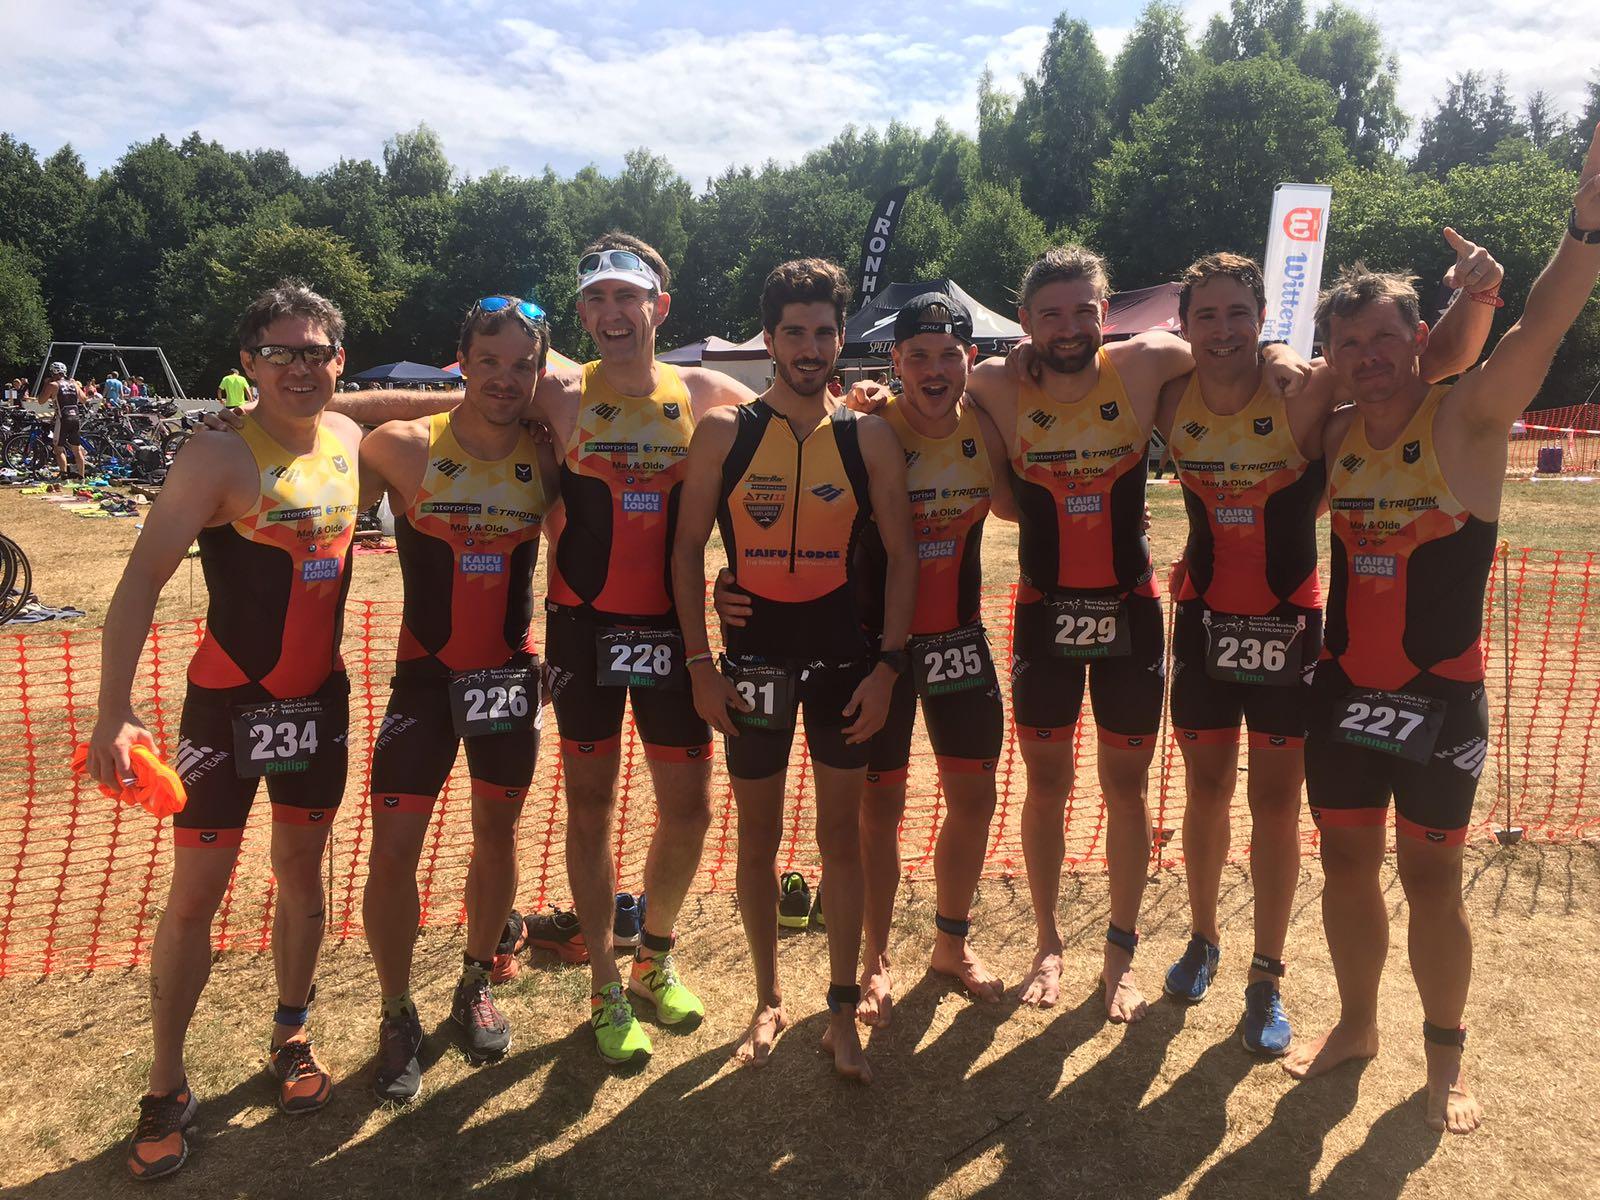 Landesliga Männer: Platz 2 Beim Swim Run, Sieg In Itzehoe